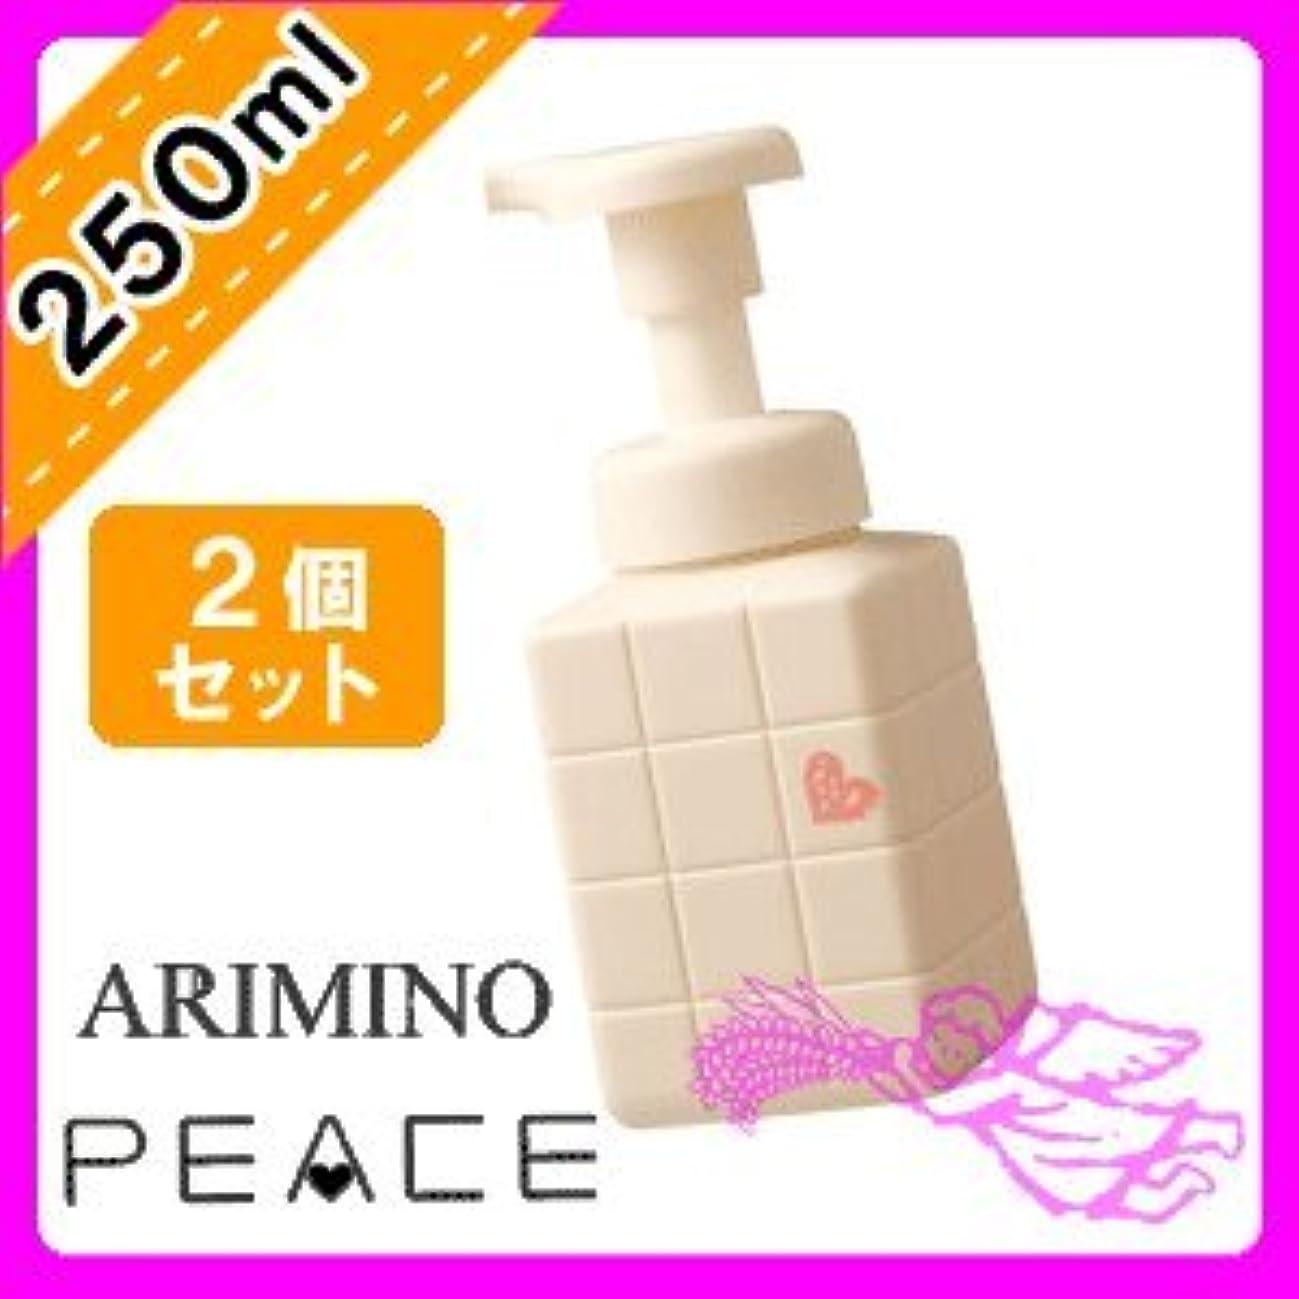 大洪水酸化する本会議アリミノ ピース ホイップワックス PEACE ナチュラルウェーブ ホイップ250mL ×2個 セット arimino PEACE